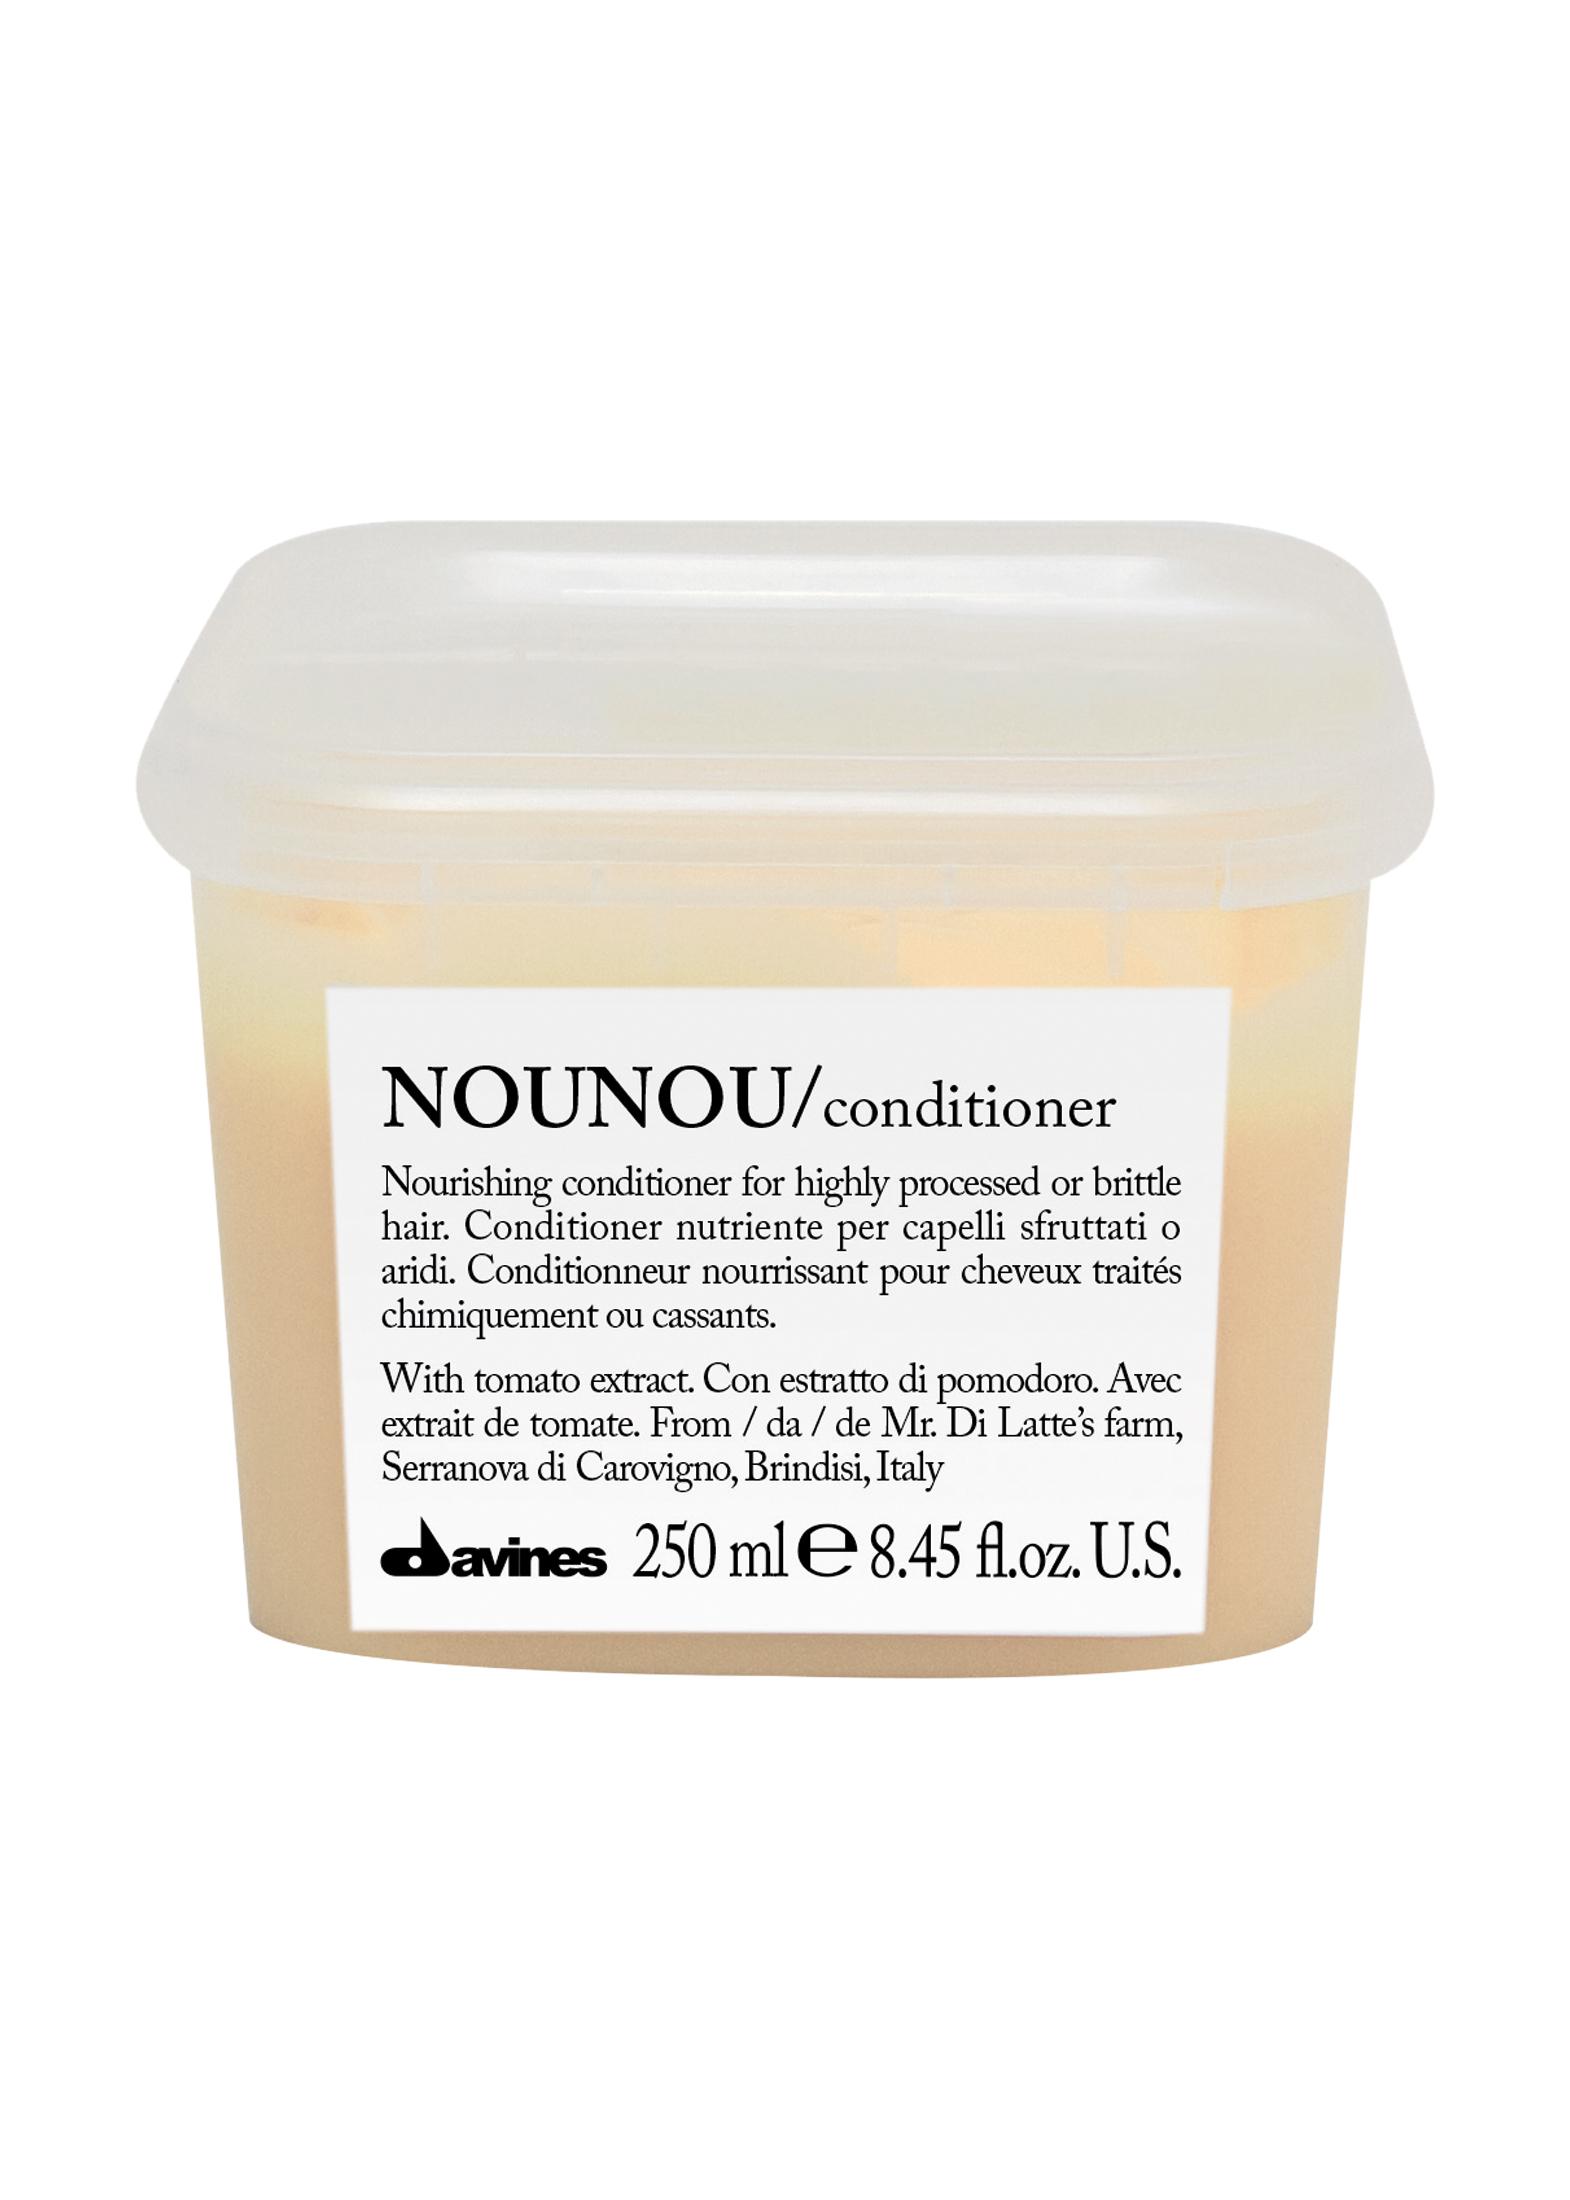 DEHC NOUNOU Conditioner 250ml image number 0